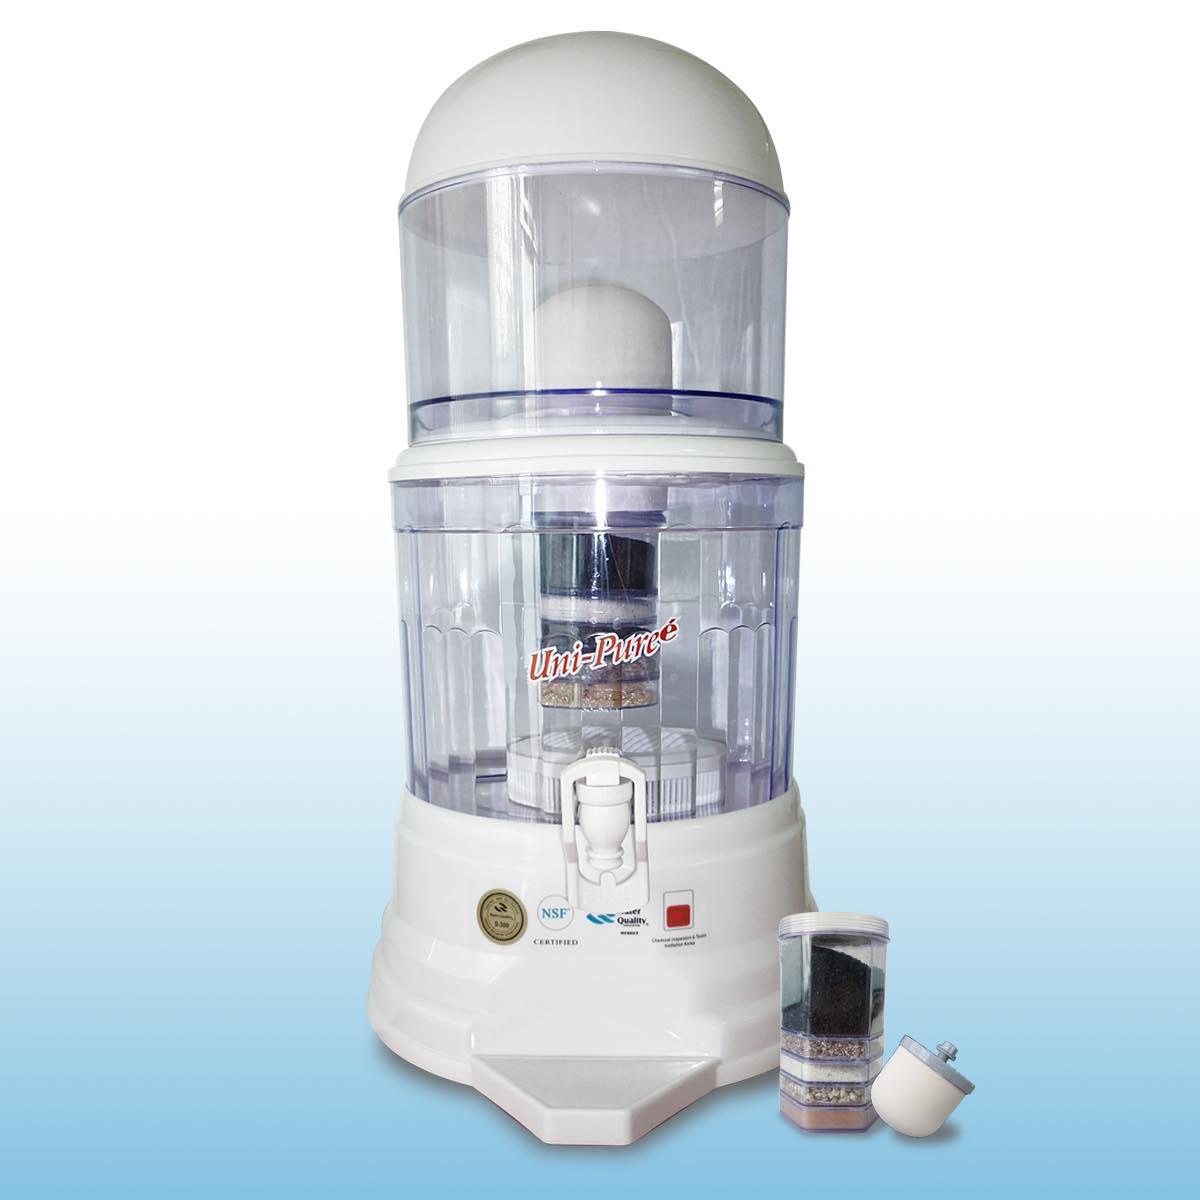 เครื่องกรองน้ำแร่ Unipure 23 ลิตร